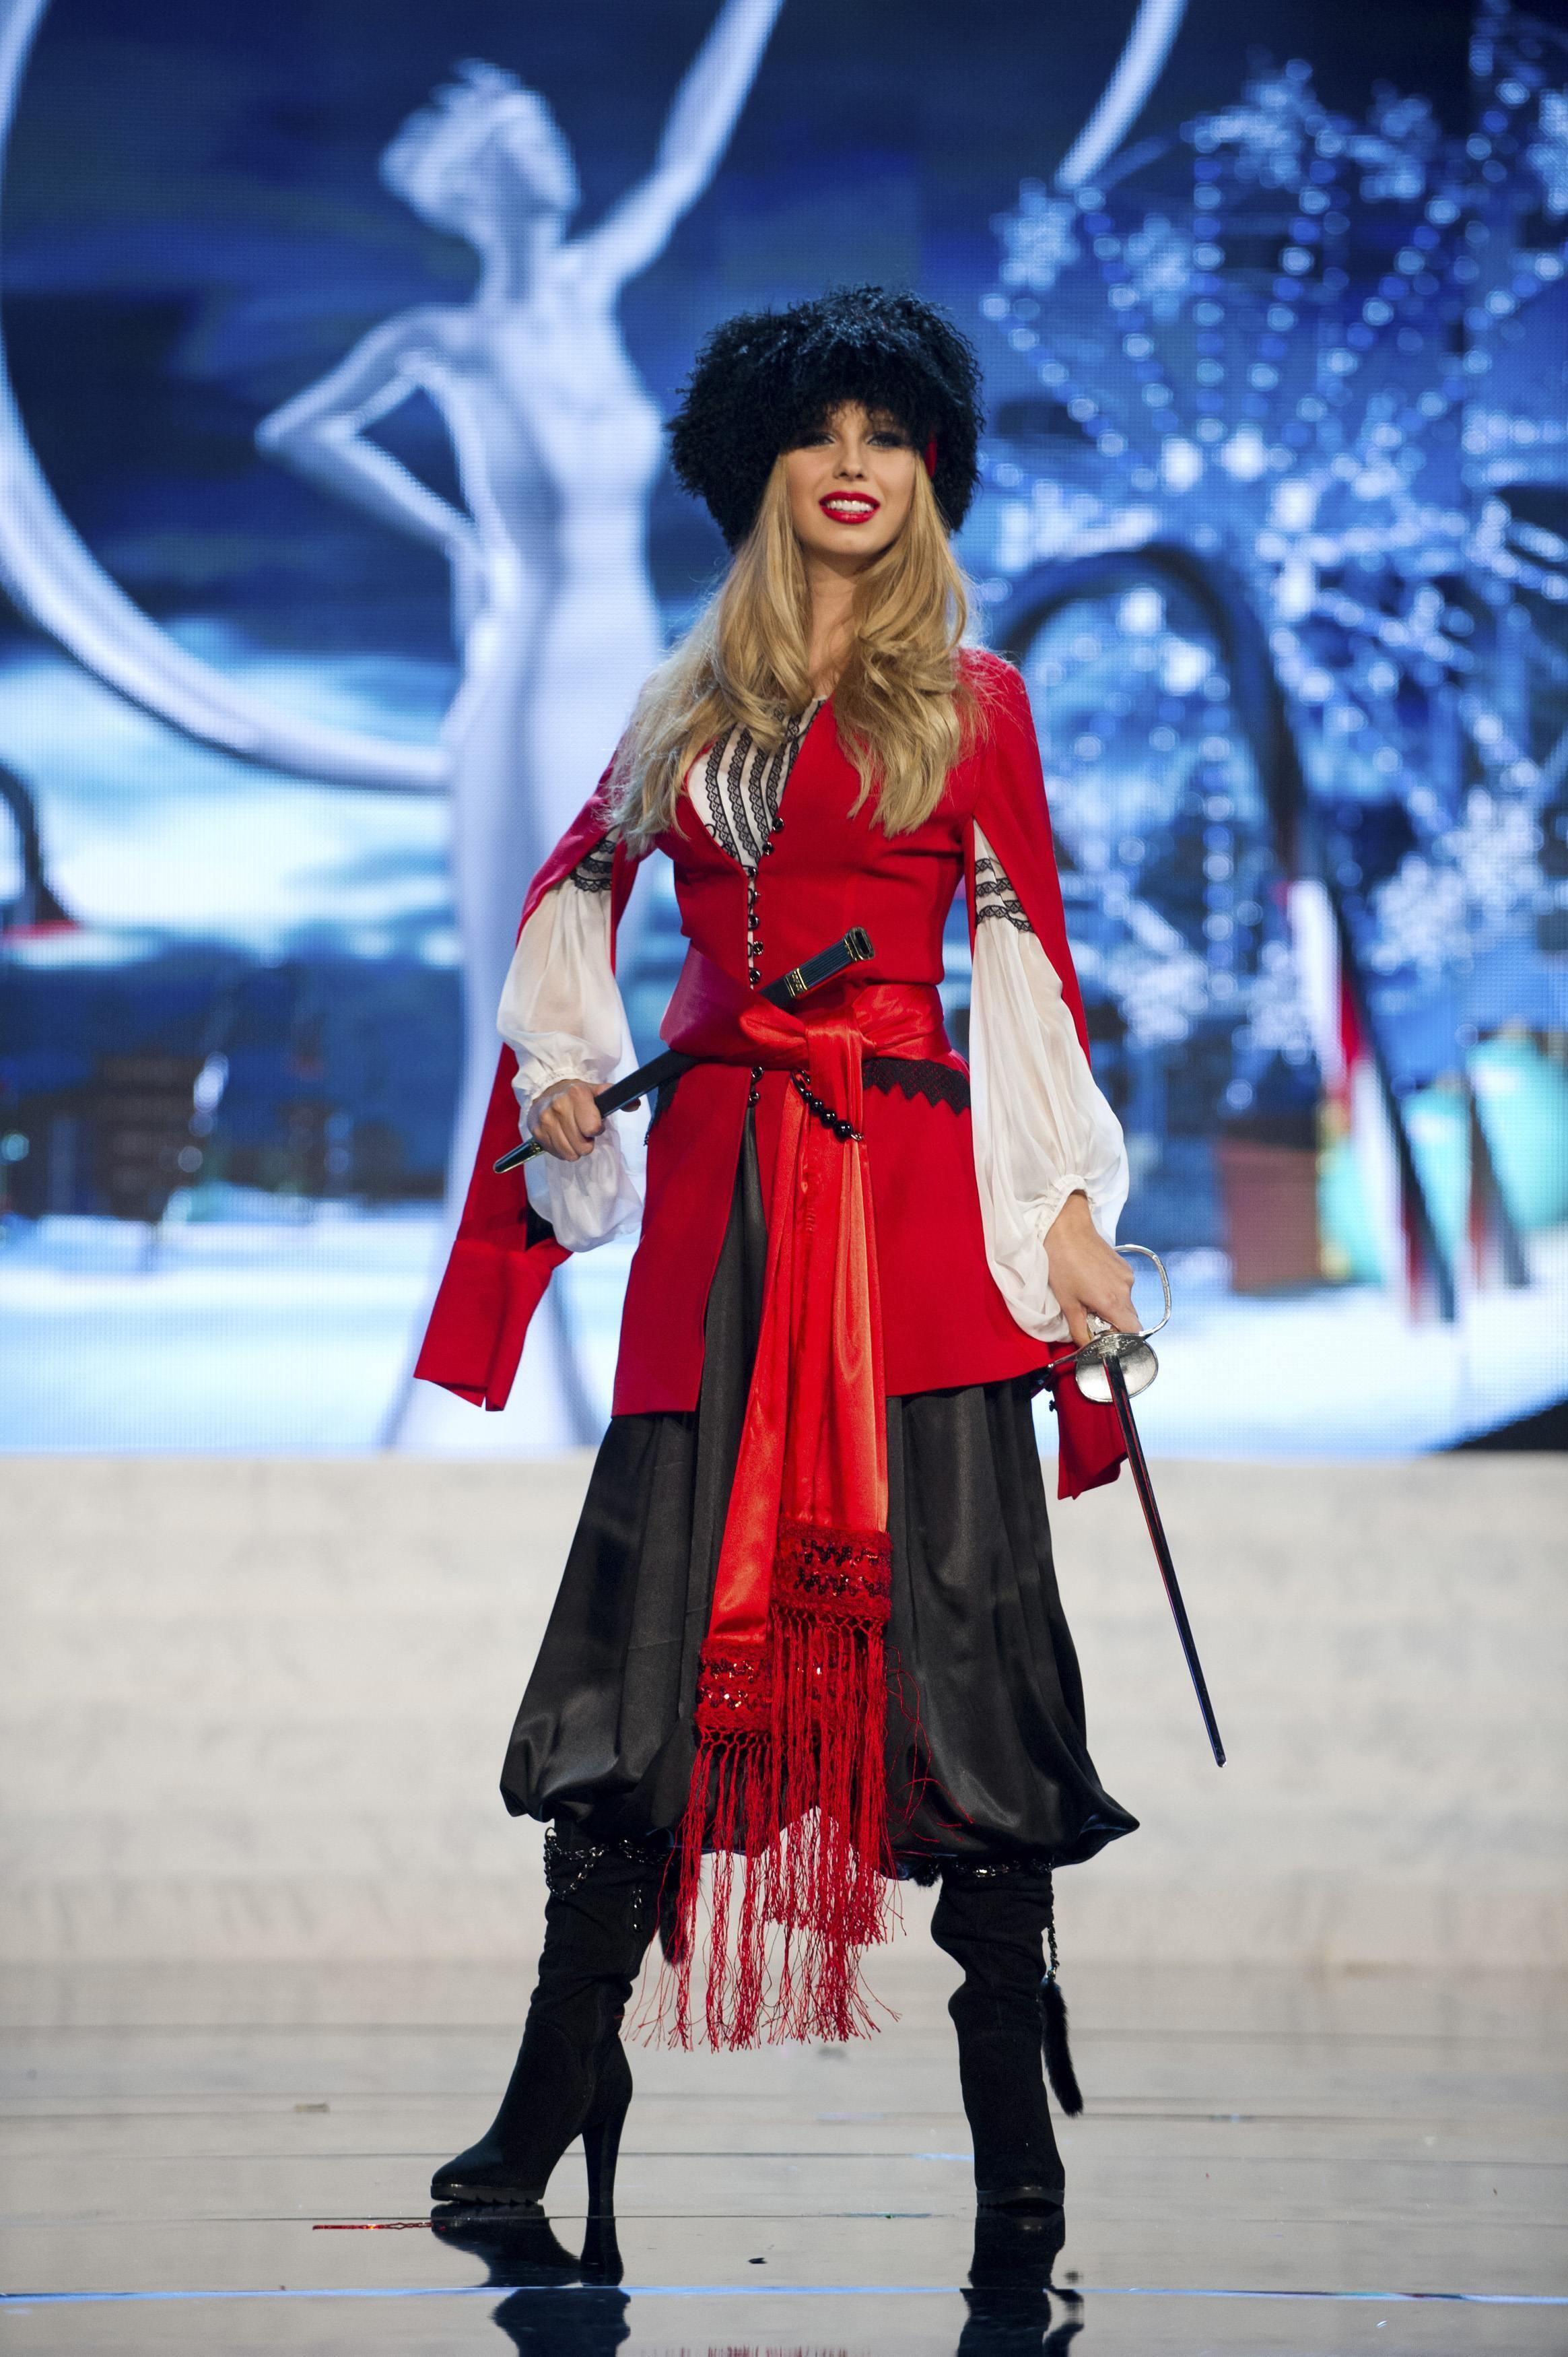 Мисс Украина Мария Чернова в национальном костюме во время шоу Мисс мира в Лас-Вегасе